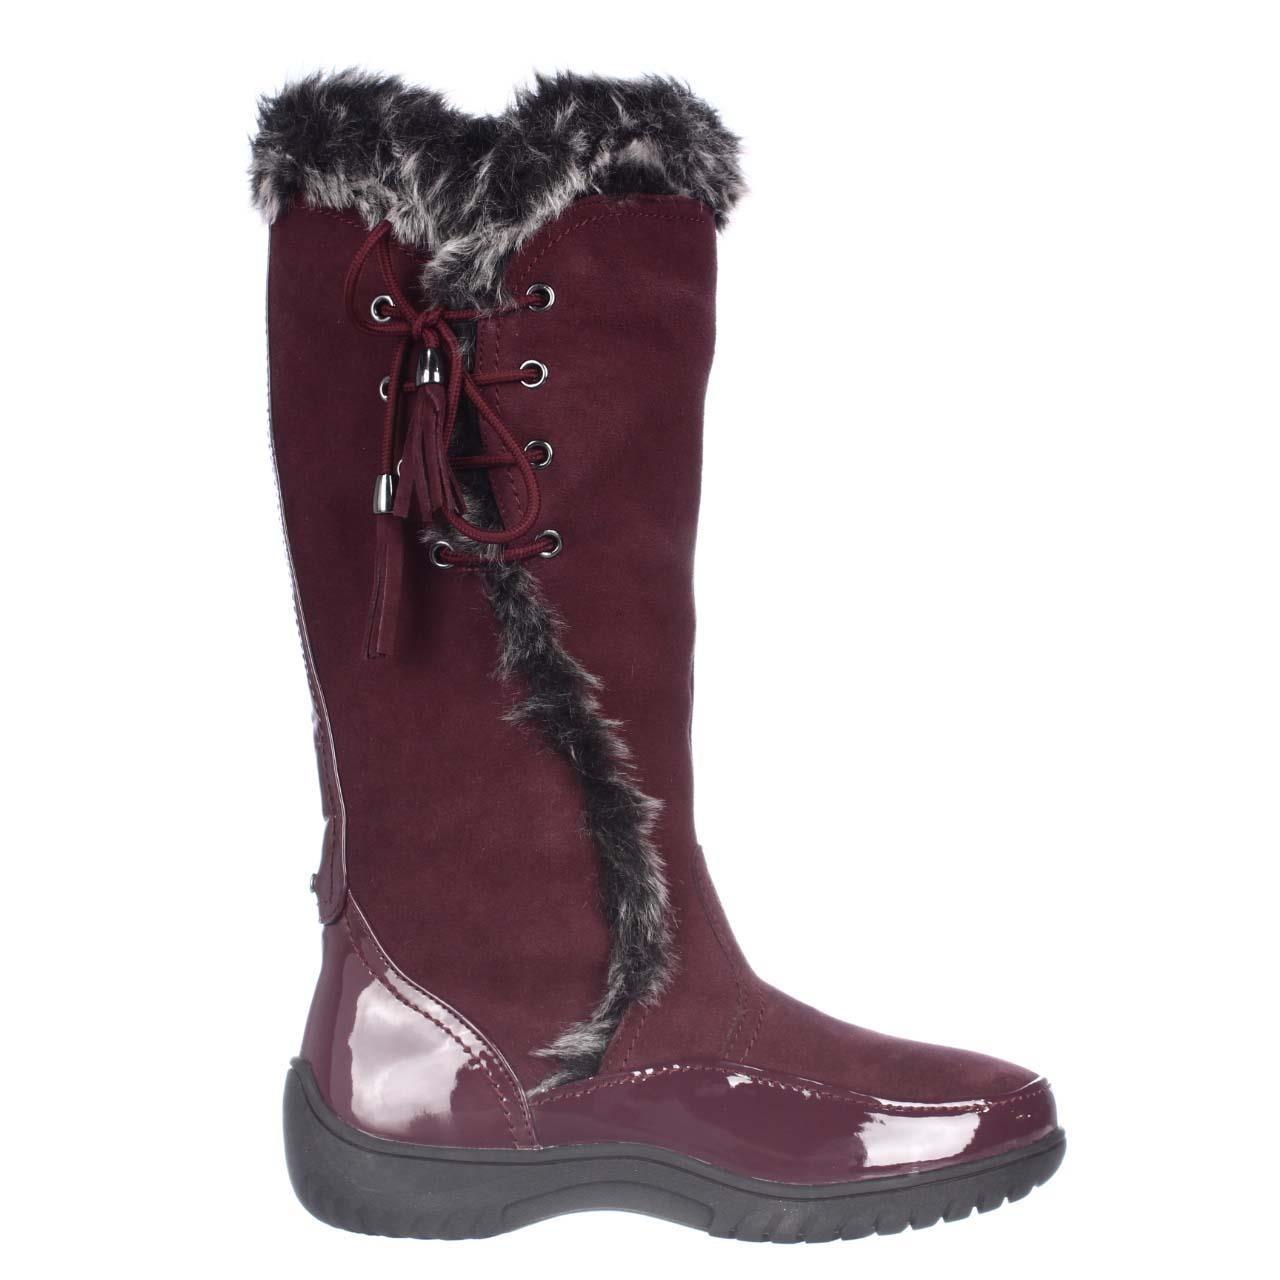 sporto side winder waterproof suede boots in lyst